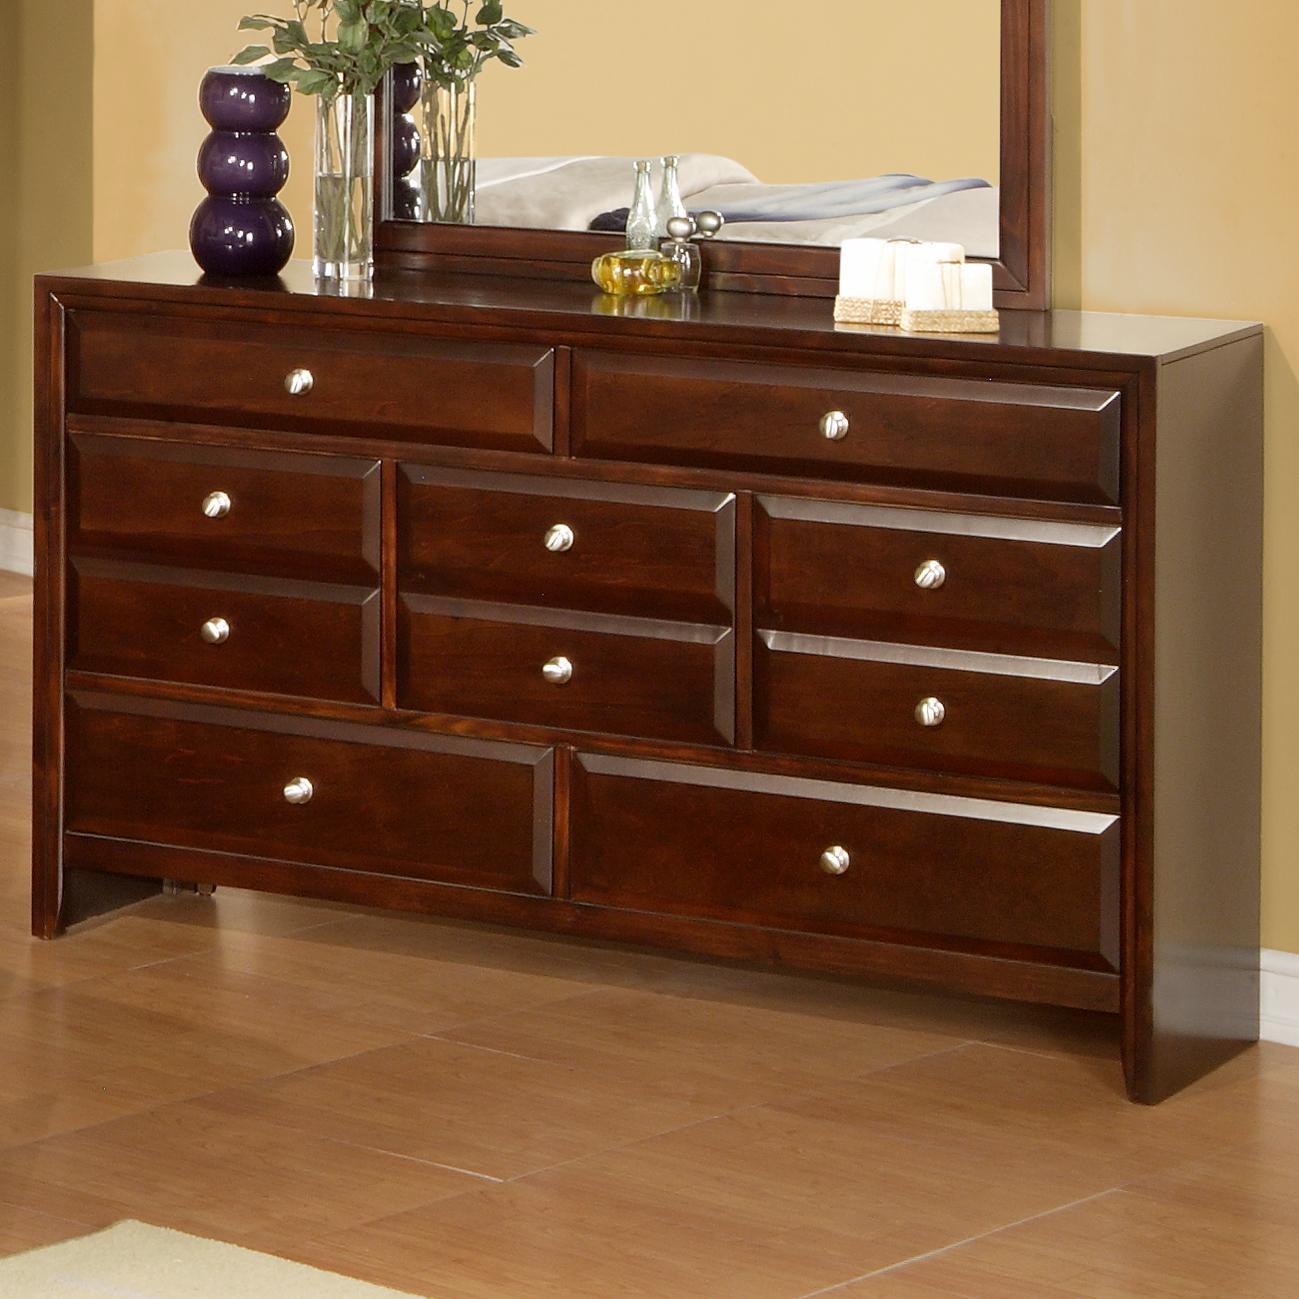 Lifestyle 9180 Drawer Dresser - Item Number: C9180A-040-7DME